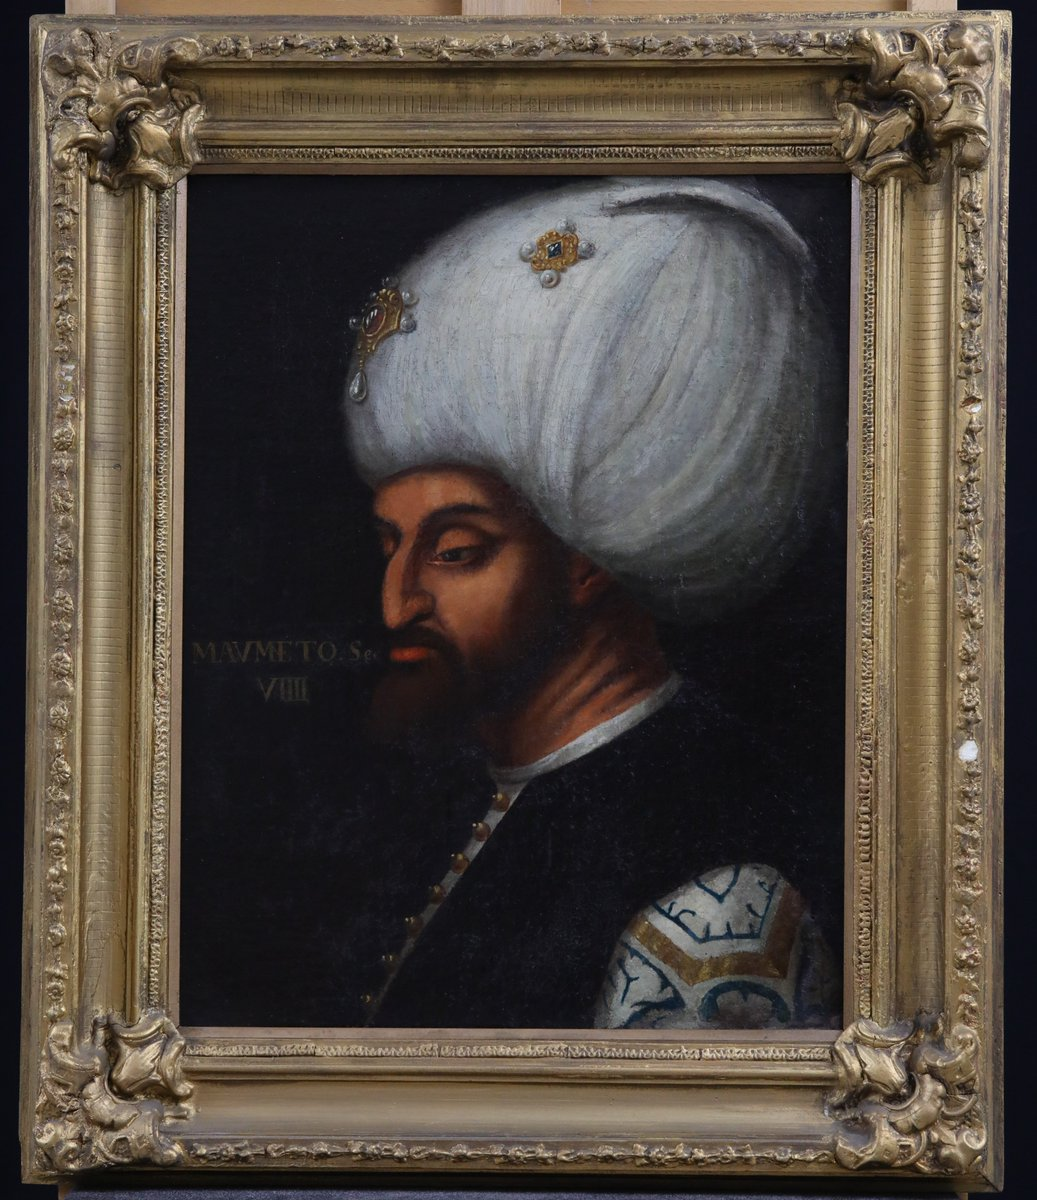 Türkiye'nin en zengin portre koleksiyonuna sahip Resim Müzesi, Venedikli ressam Veronese ve Halil Paşa'nın Fatih portrelerini ilk defa sergilemeye hazırlanıyor. Müzenin sonbaharda açılacak yeni bölümlerinde Zonaro, Hasan Rıza ve Feyhaman Duran'ın Fatih portreleri de yer alacak✨ https://t.co/jRlZoHzTxY